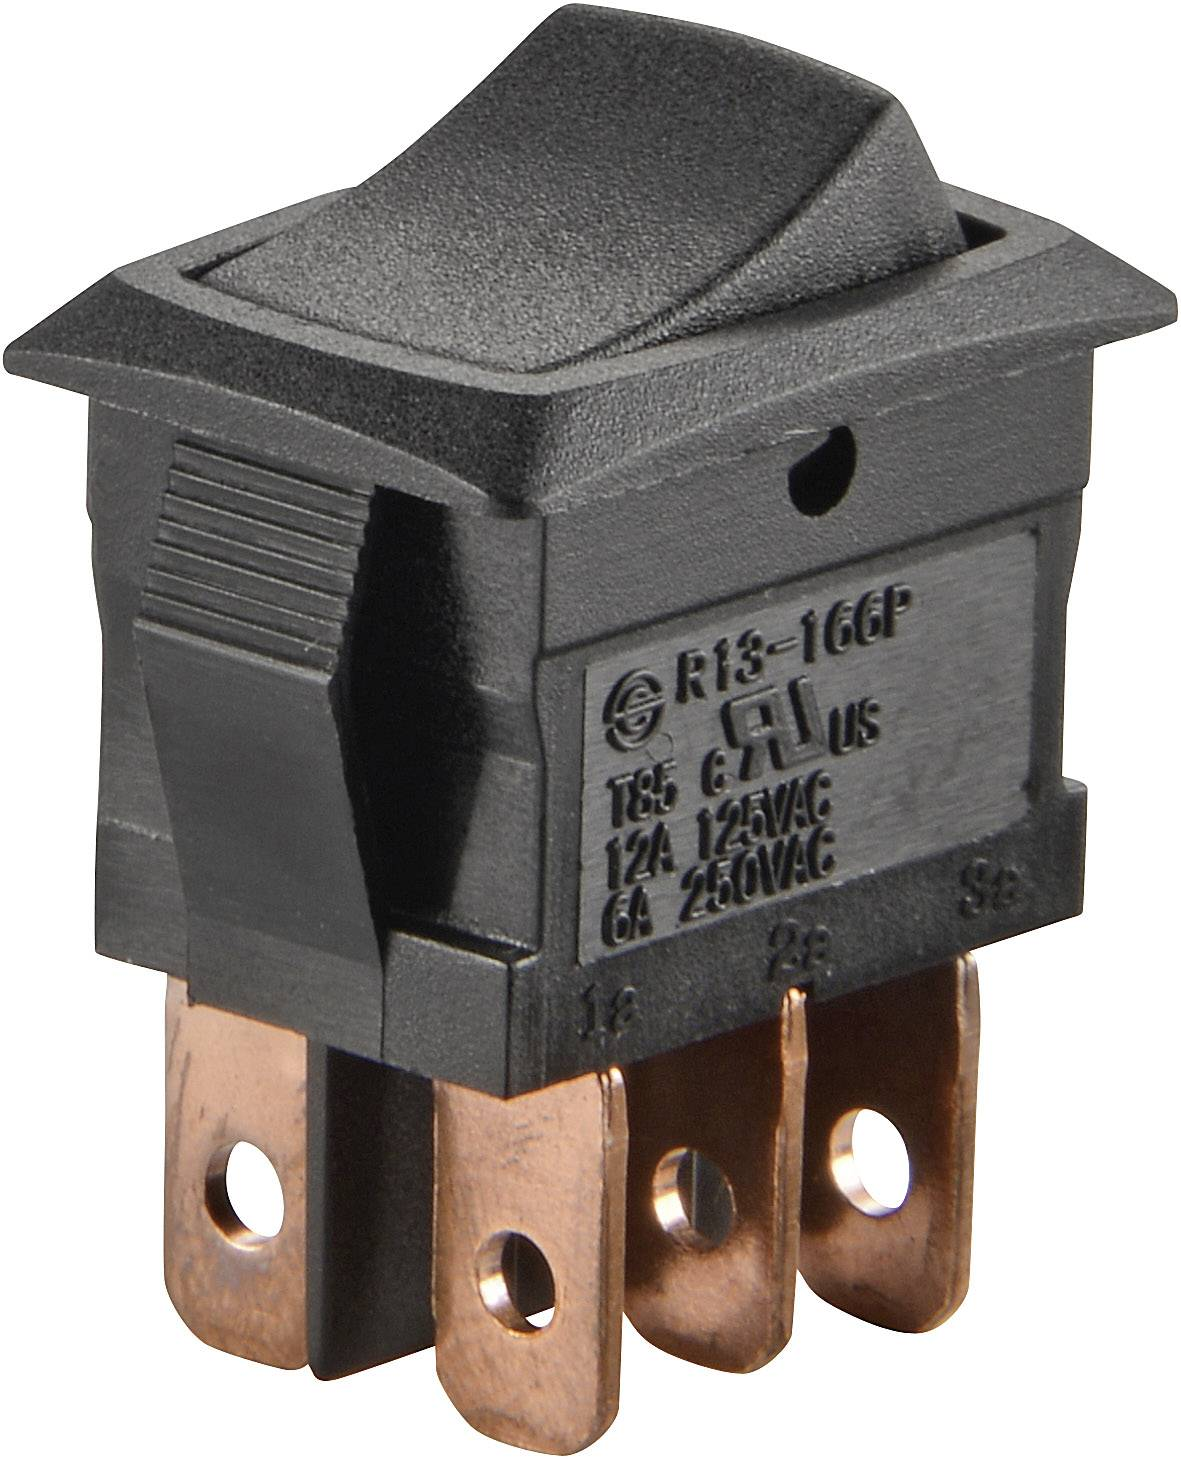 Kolískový spínač s aretáciou SCI R13-166PB-02, 250 V/AC, 6 A, 2x zap/zap, 1 ks